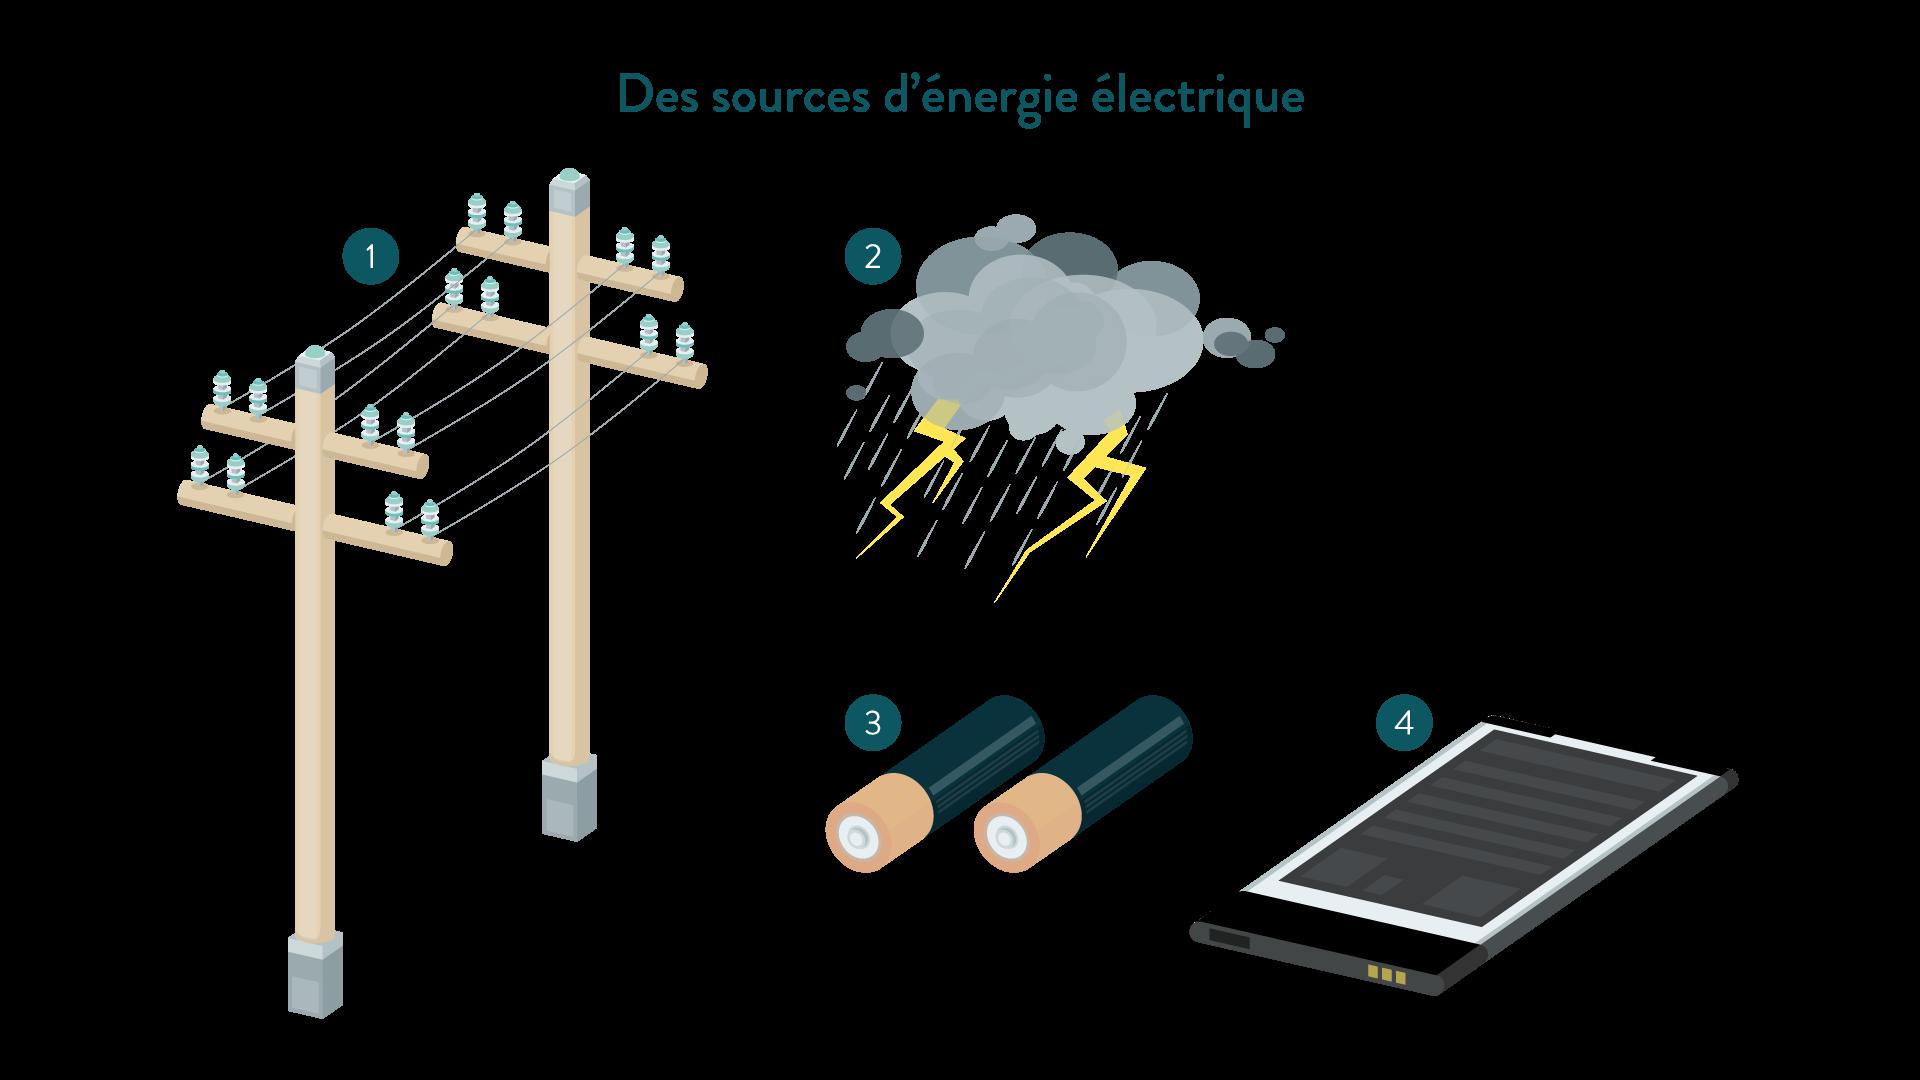 Sources d'énergie électrique fils haute tension orage pile batterie physique chimie 6eme schoolmouv